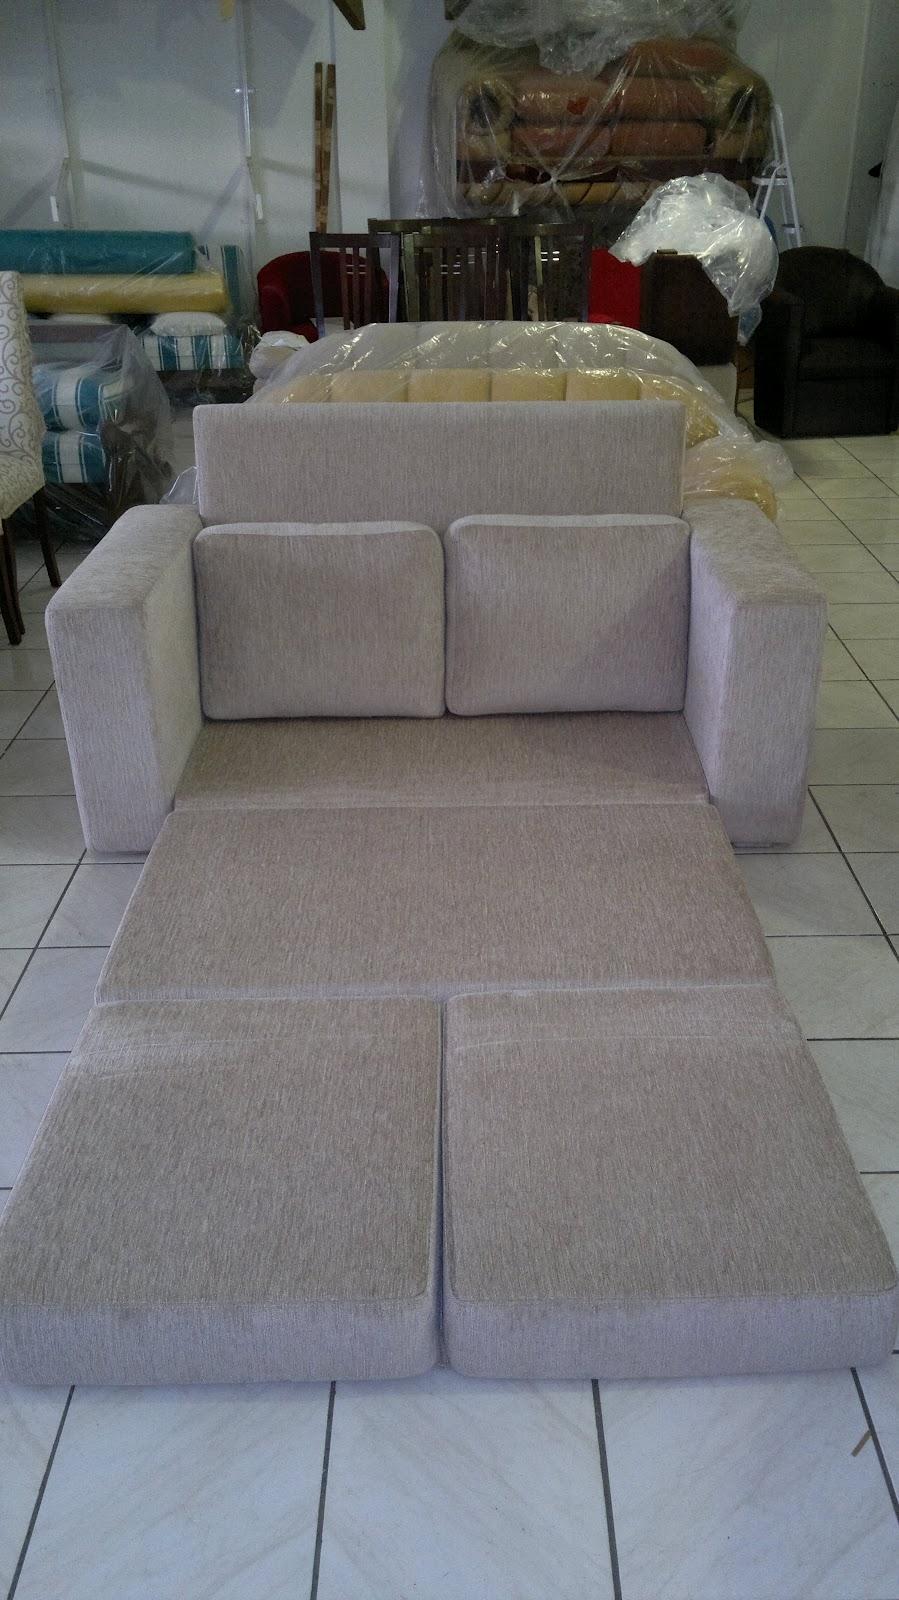 Classe estofados vende se sof cama em blocos de espuma for Sofa cama de espuma